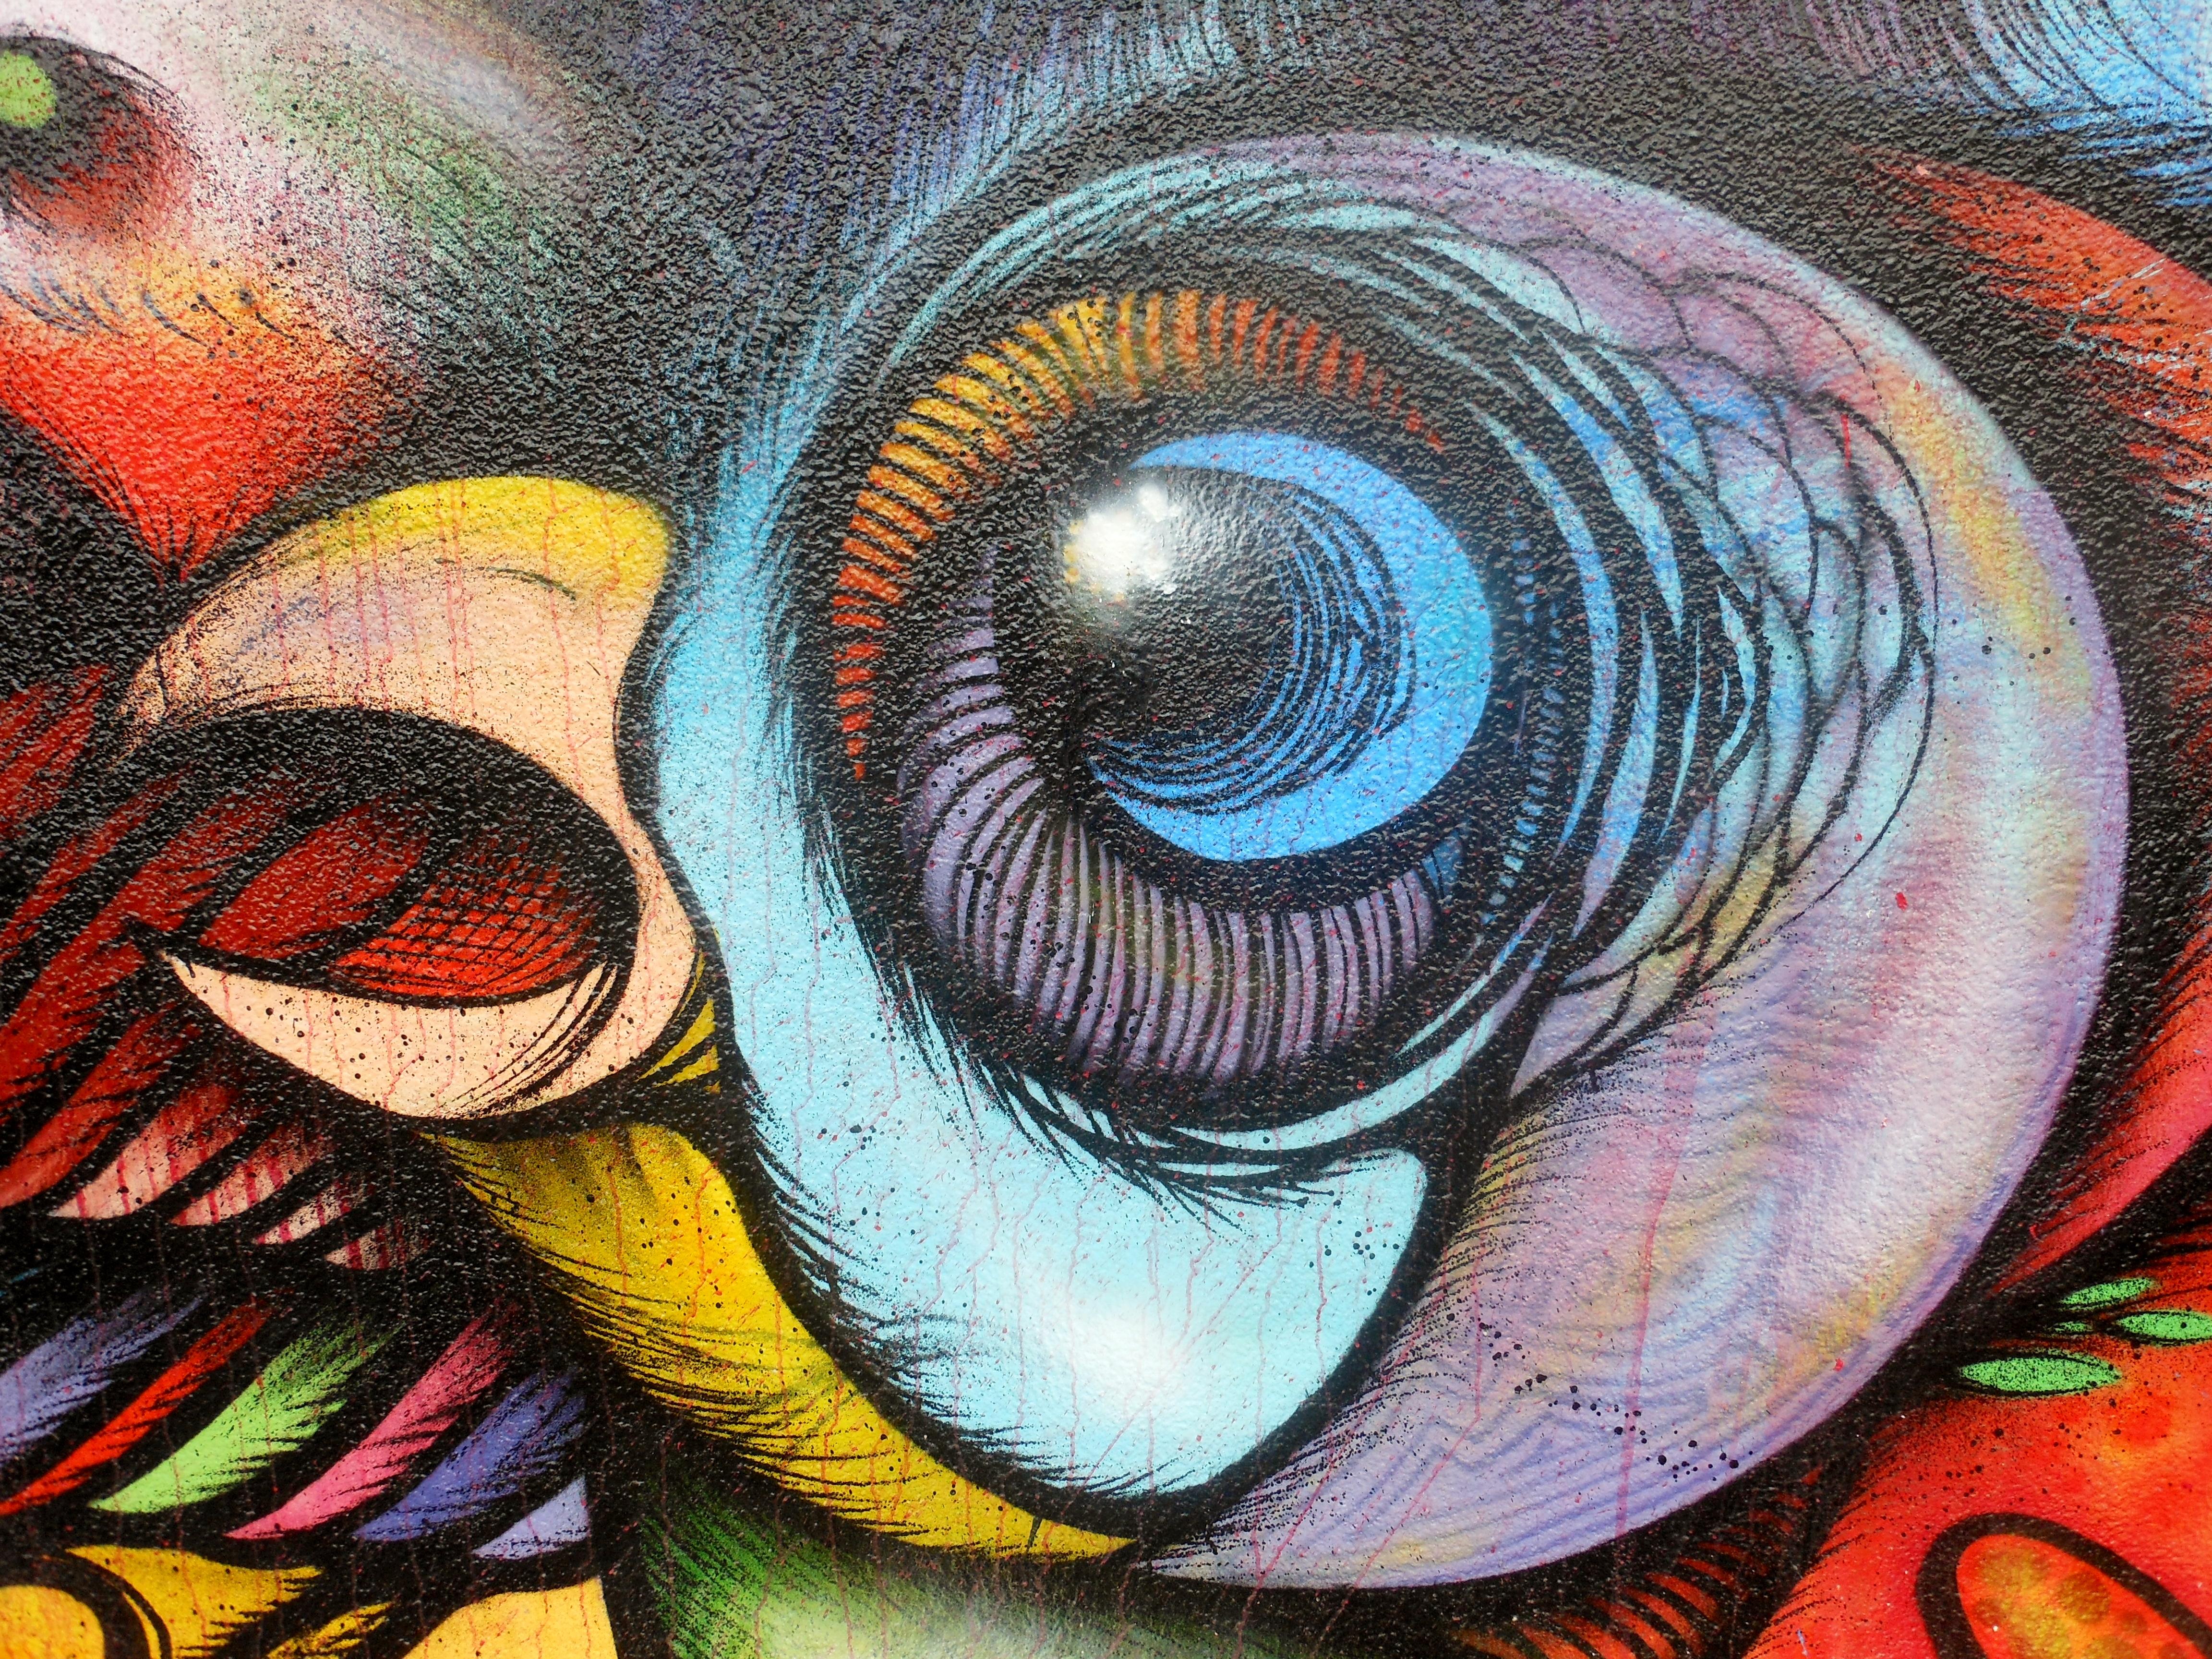 graffiti-14-managua-nicaragua_14072096803_o